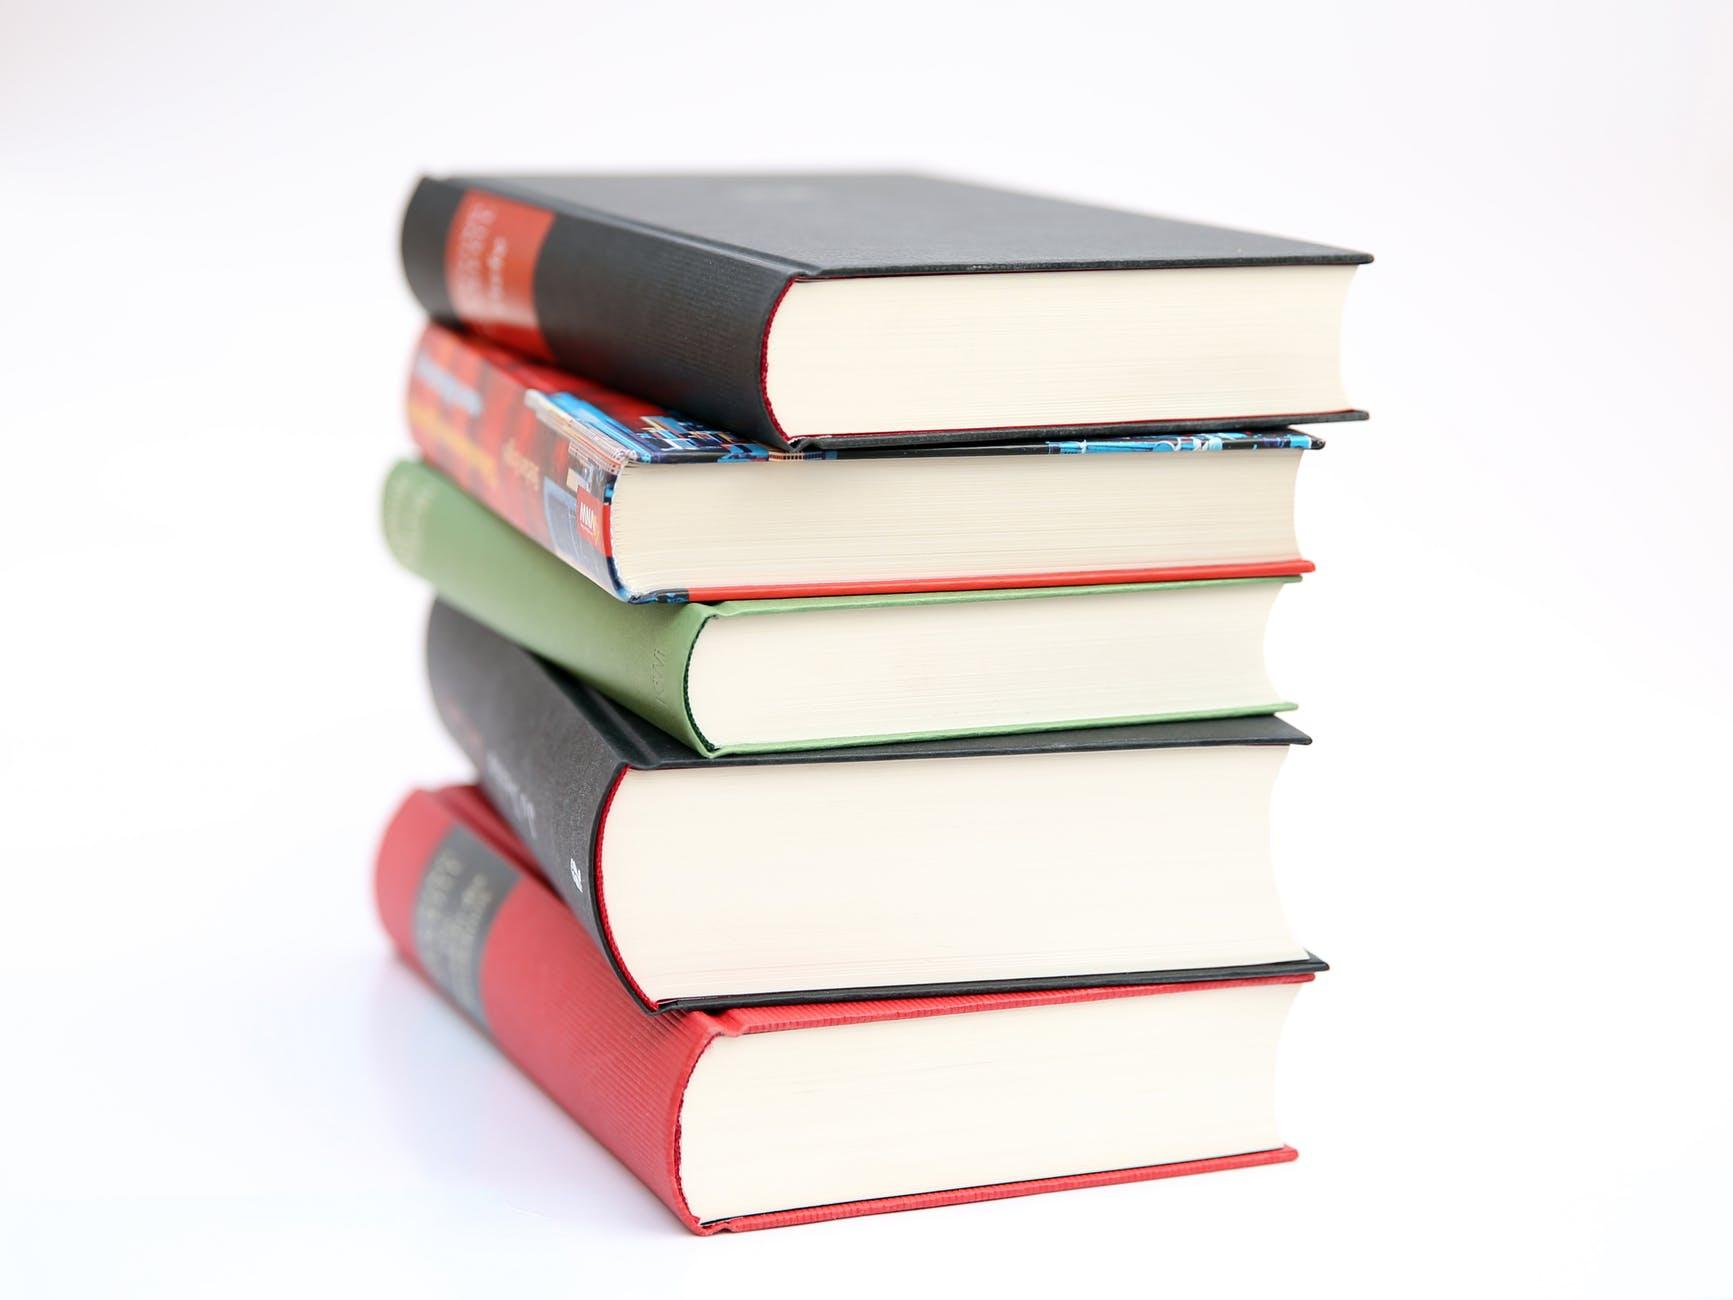 《小强升职记》第五章笔记 如何让想法落地